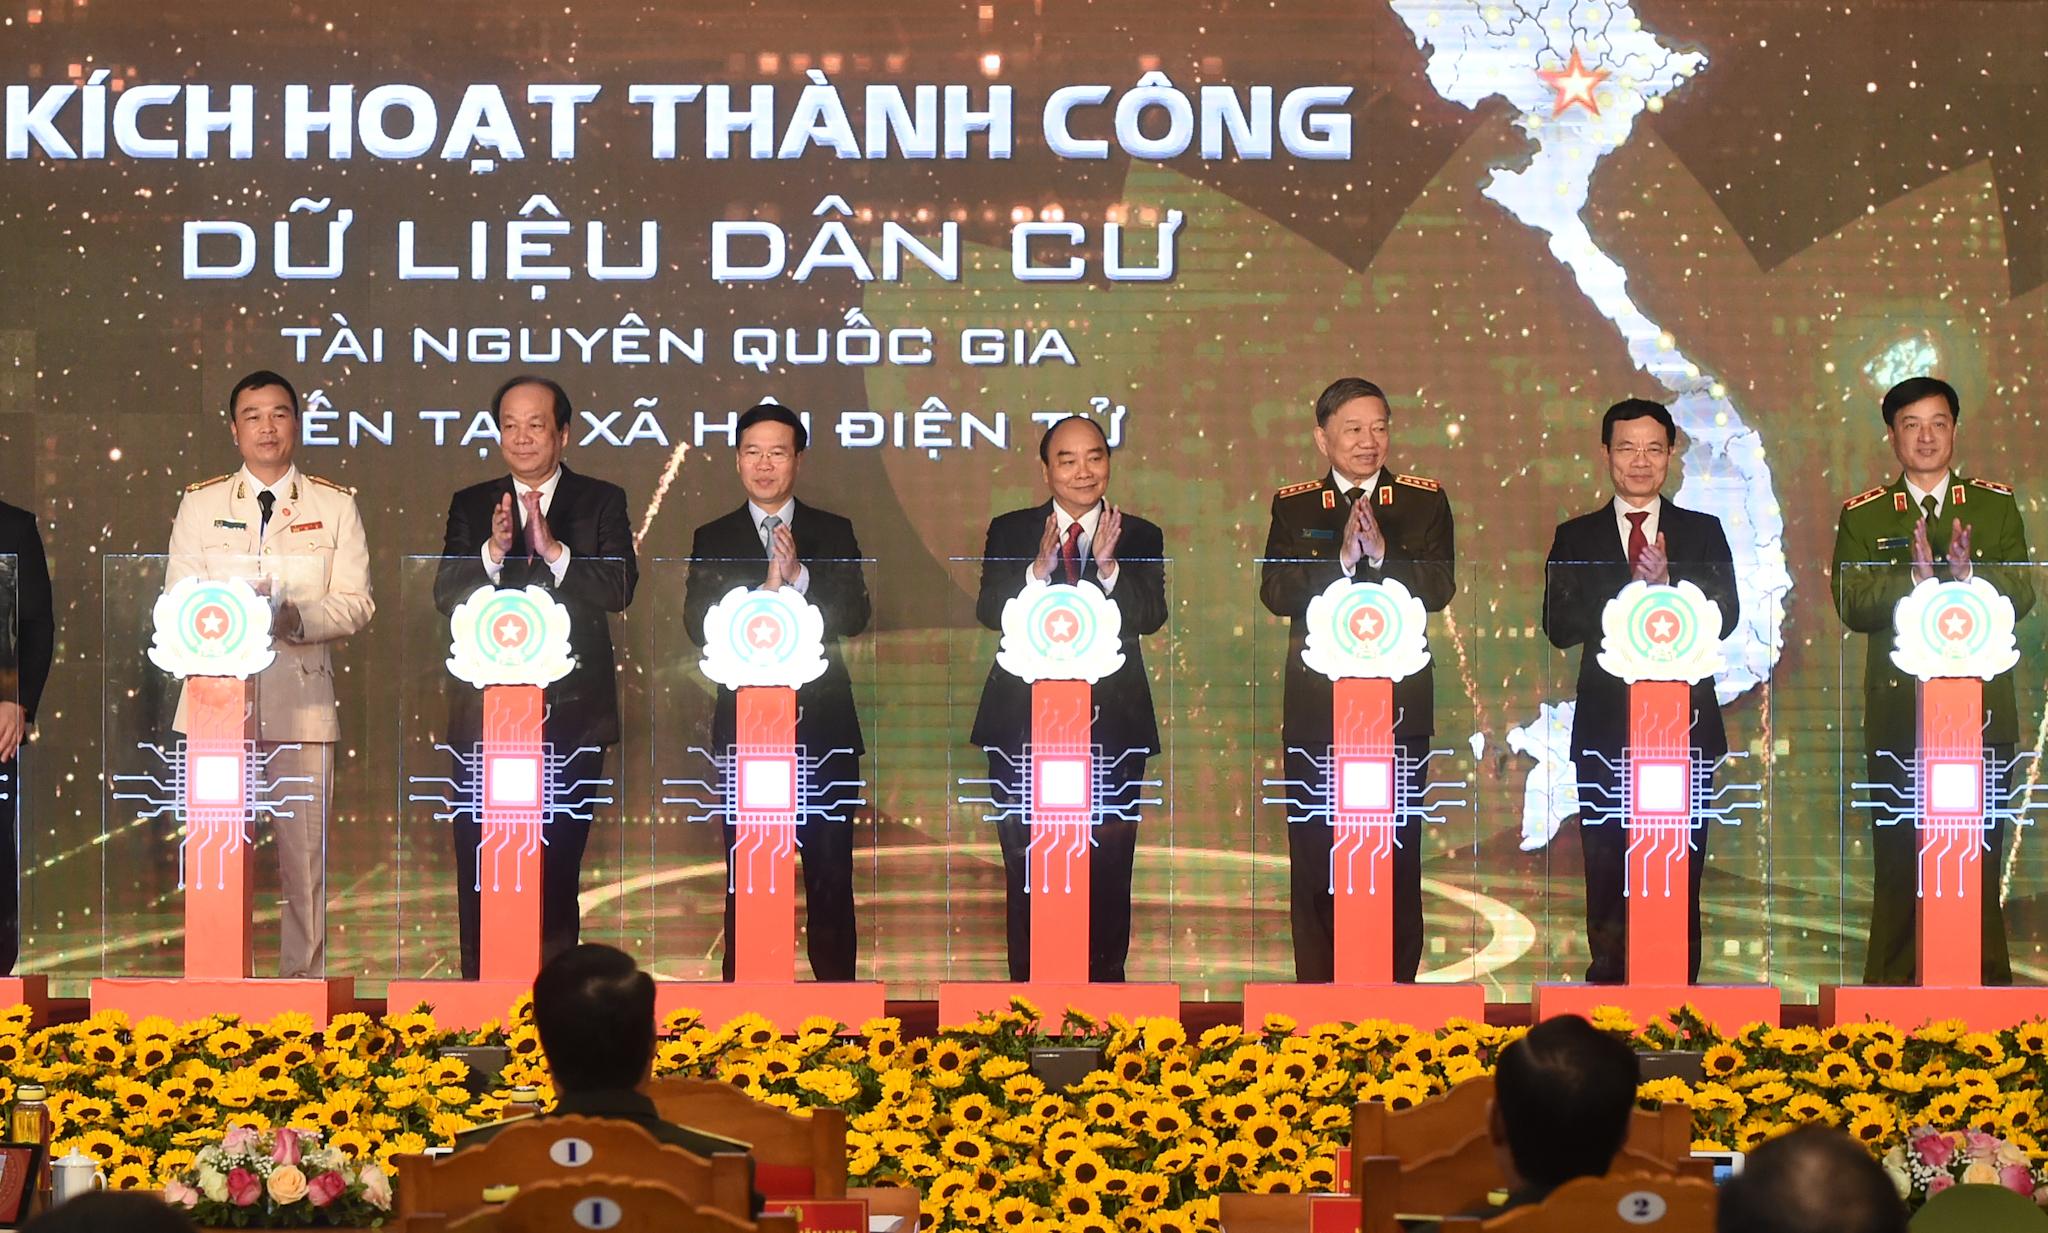 Thủ tướng Nguyễn Xuân Phúc cùng các đại biểu thực hiện nghi thức khai trương hệ thống cơ sở dữ liệu quốc gia về dân cư và hệ thống sản xuất cấp và quản lý căn cước công dân. Ảnh VGP/Quang Hiếu